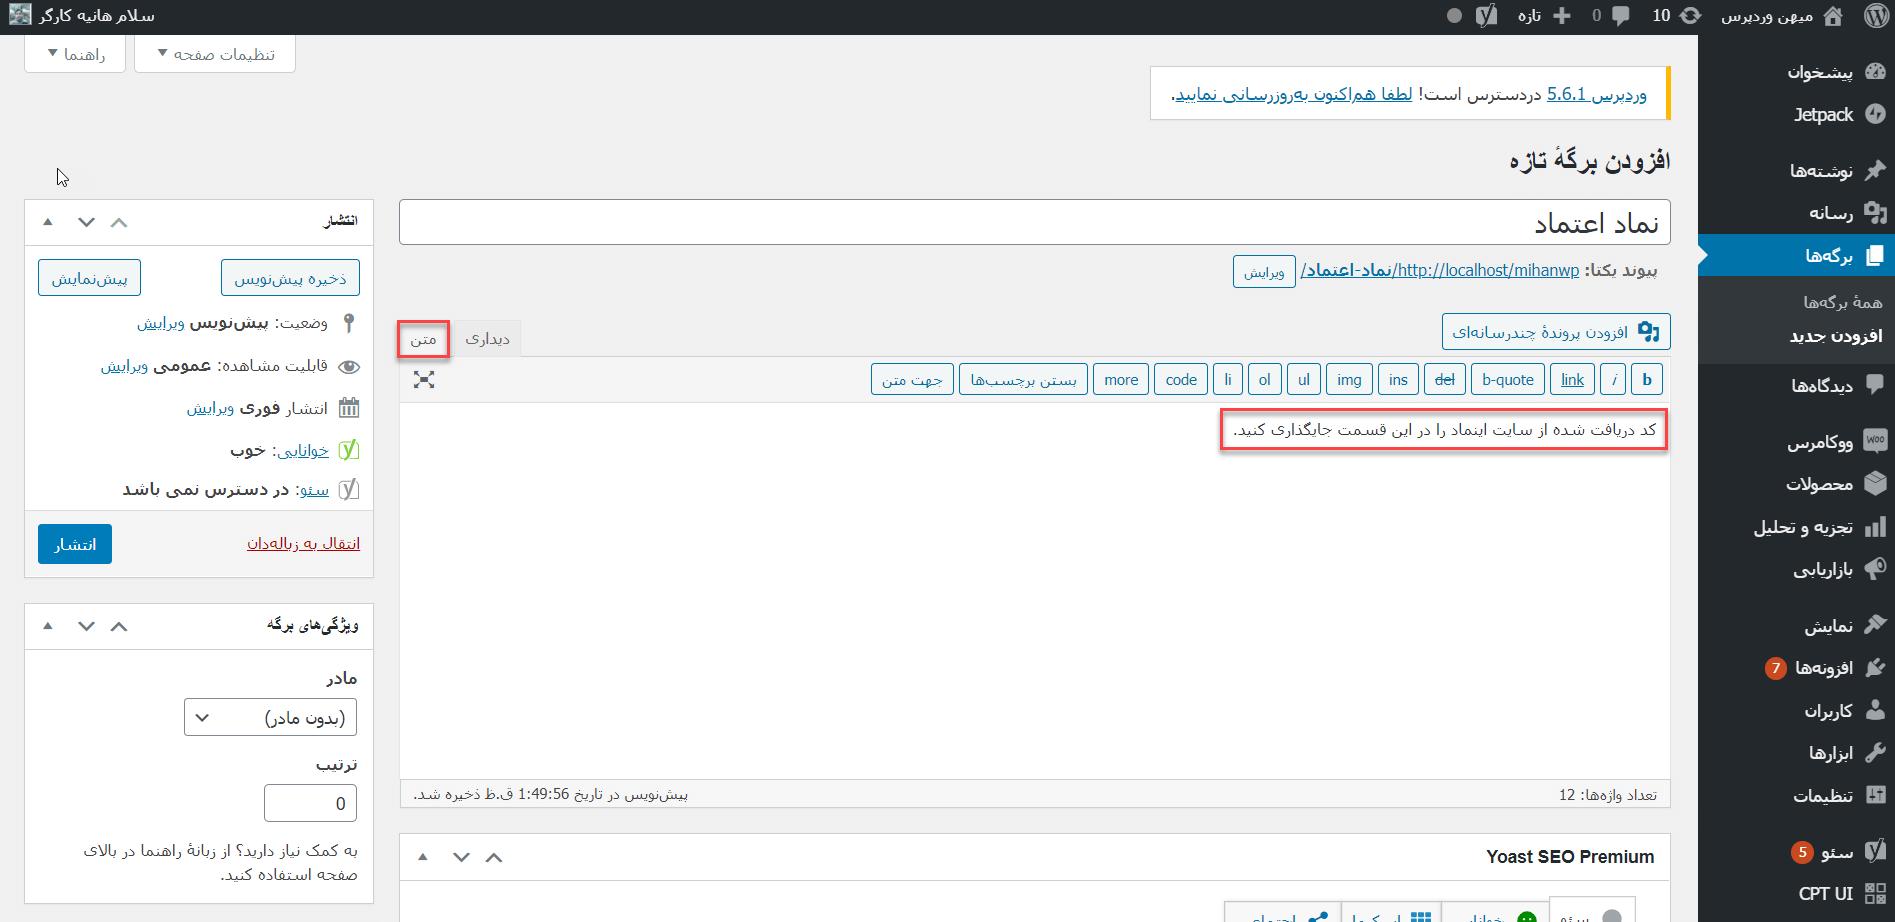 جایگذاری کد اینماد دریافت شده